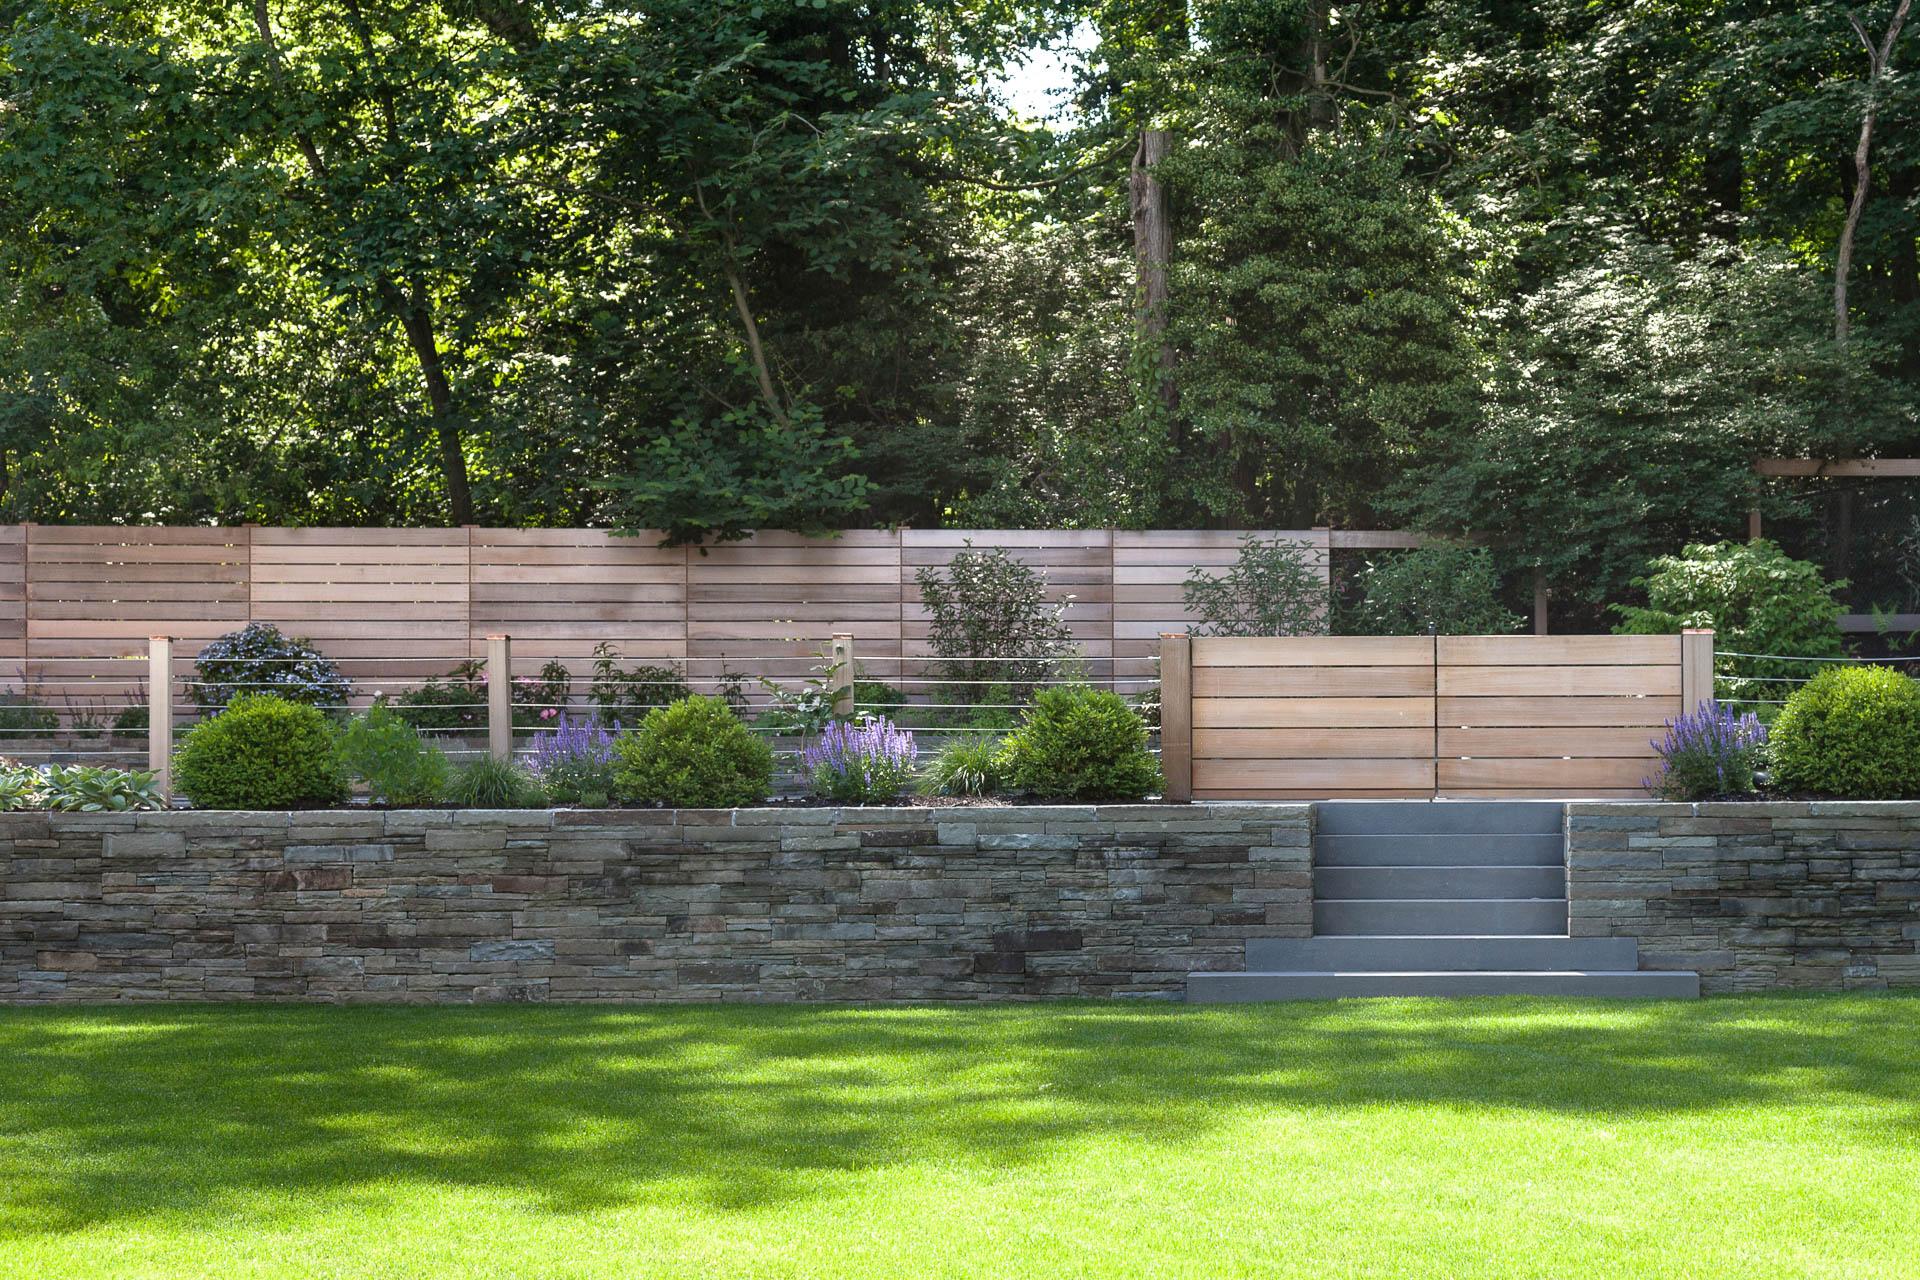 Valentine park matthew cunningham landscape design llc for Garden design llc